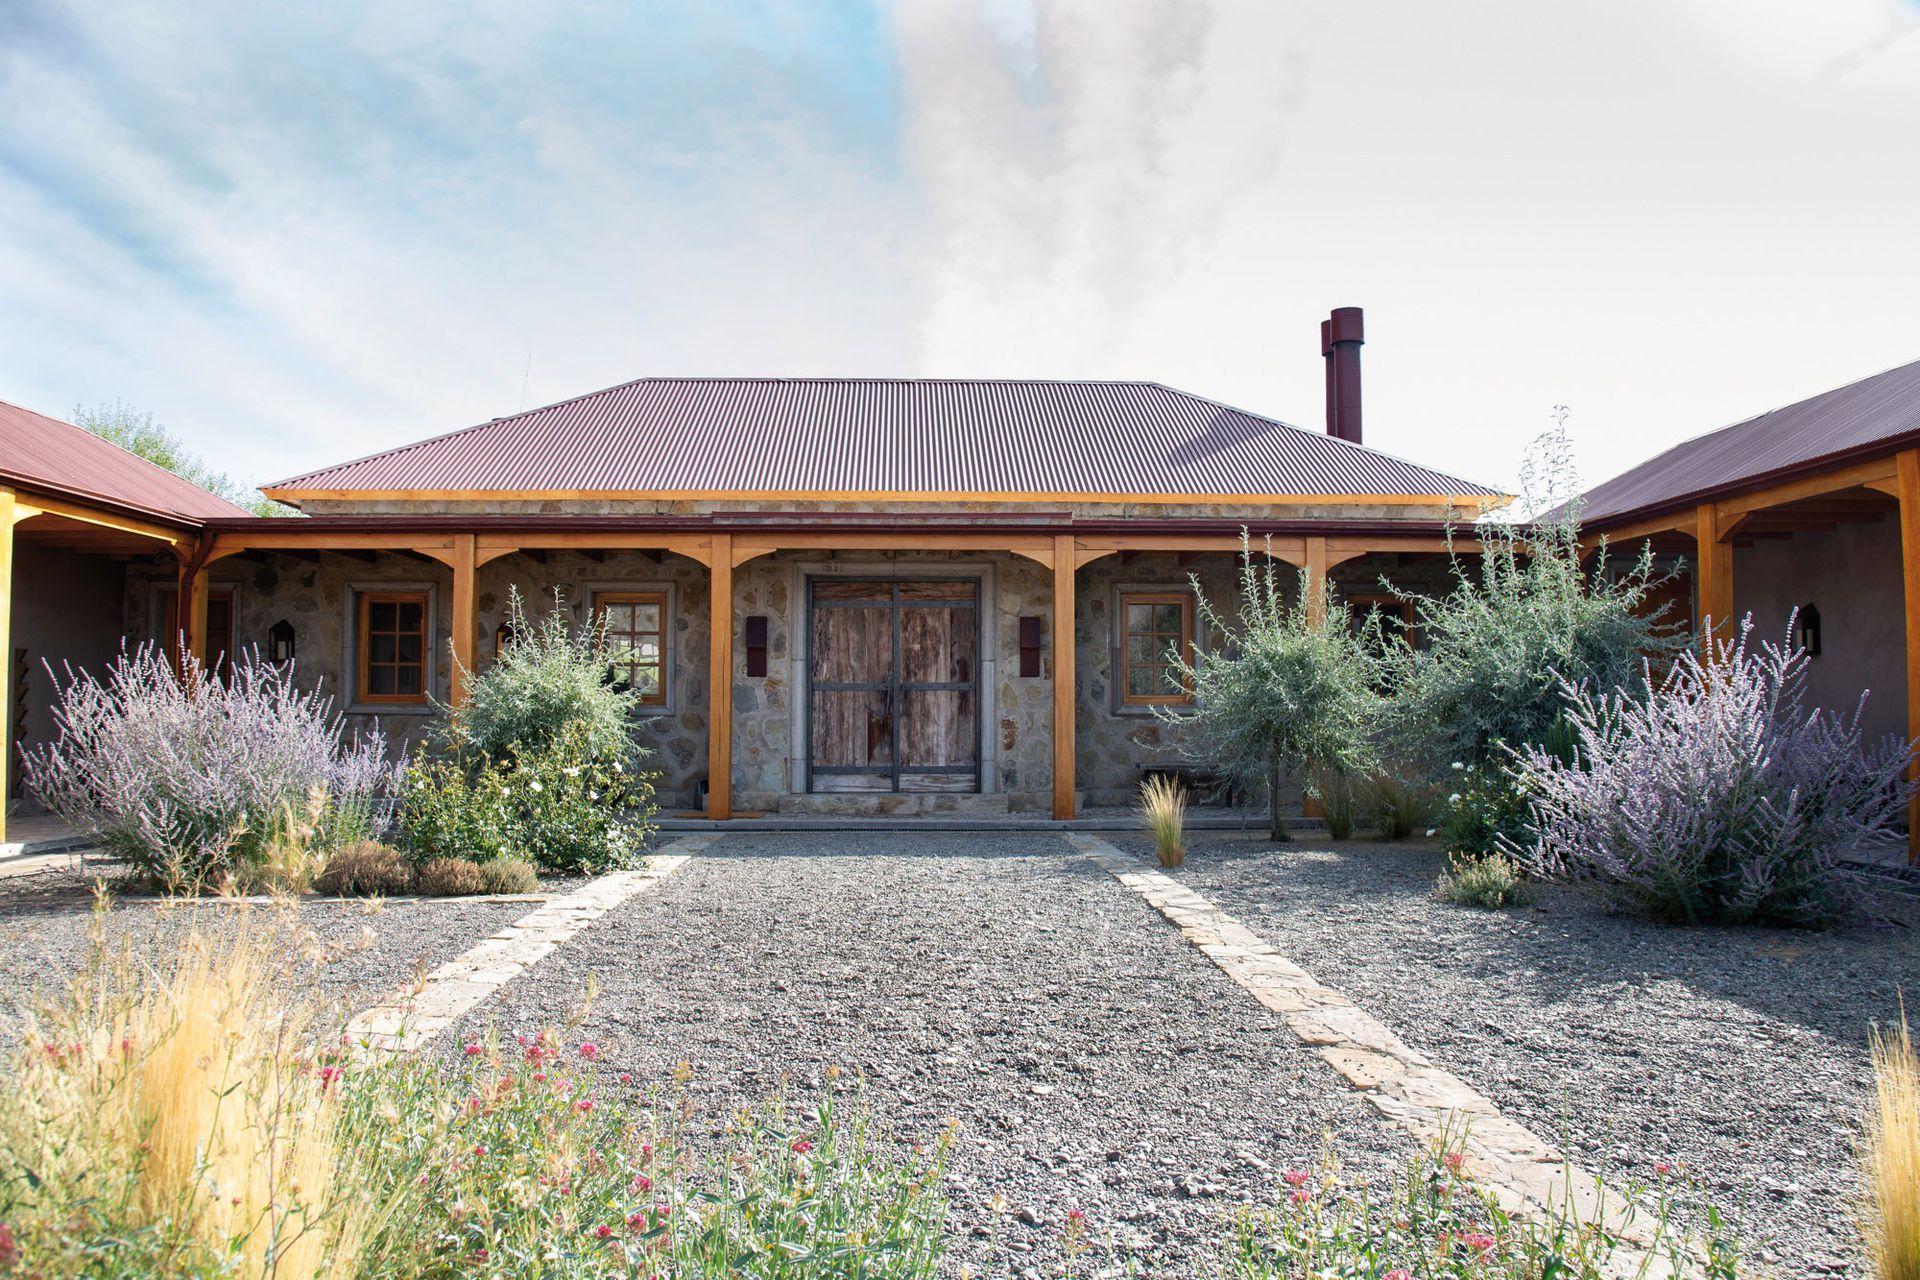 El patio de entrada enmarca la puerta principal con un fuerte dibujo sobre la granza. Allí se plantaron Pyrus salicifolia 'Pendula' de follaje gris, perovskias, nepetas, romeros y gramíneas que se engaman con los colores de la casa.